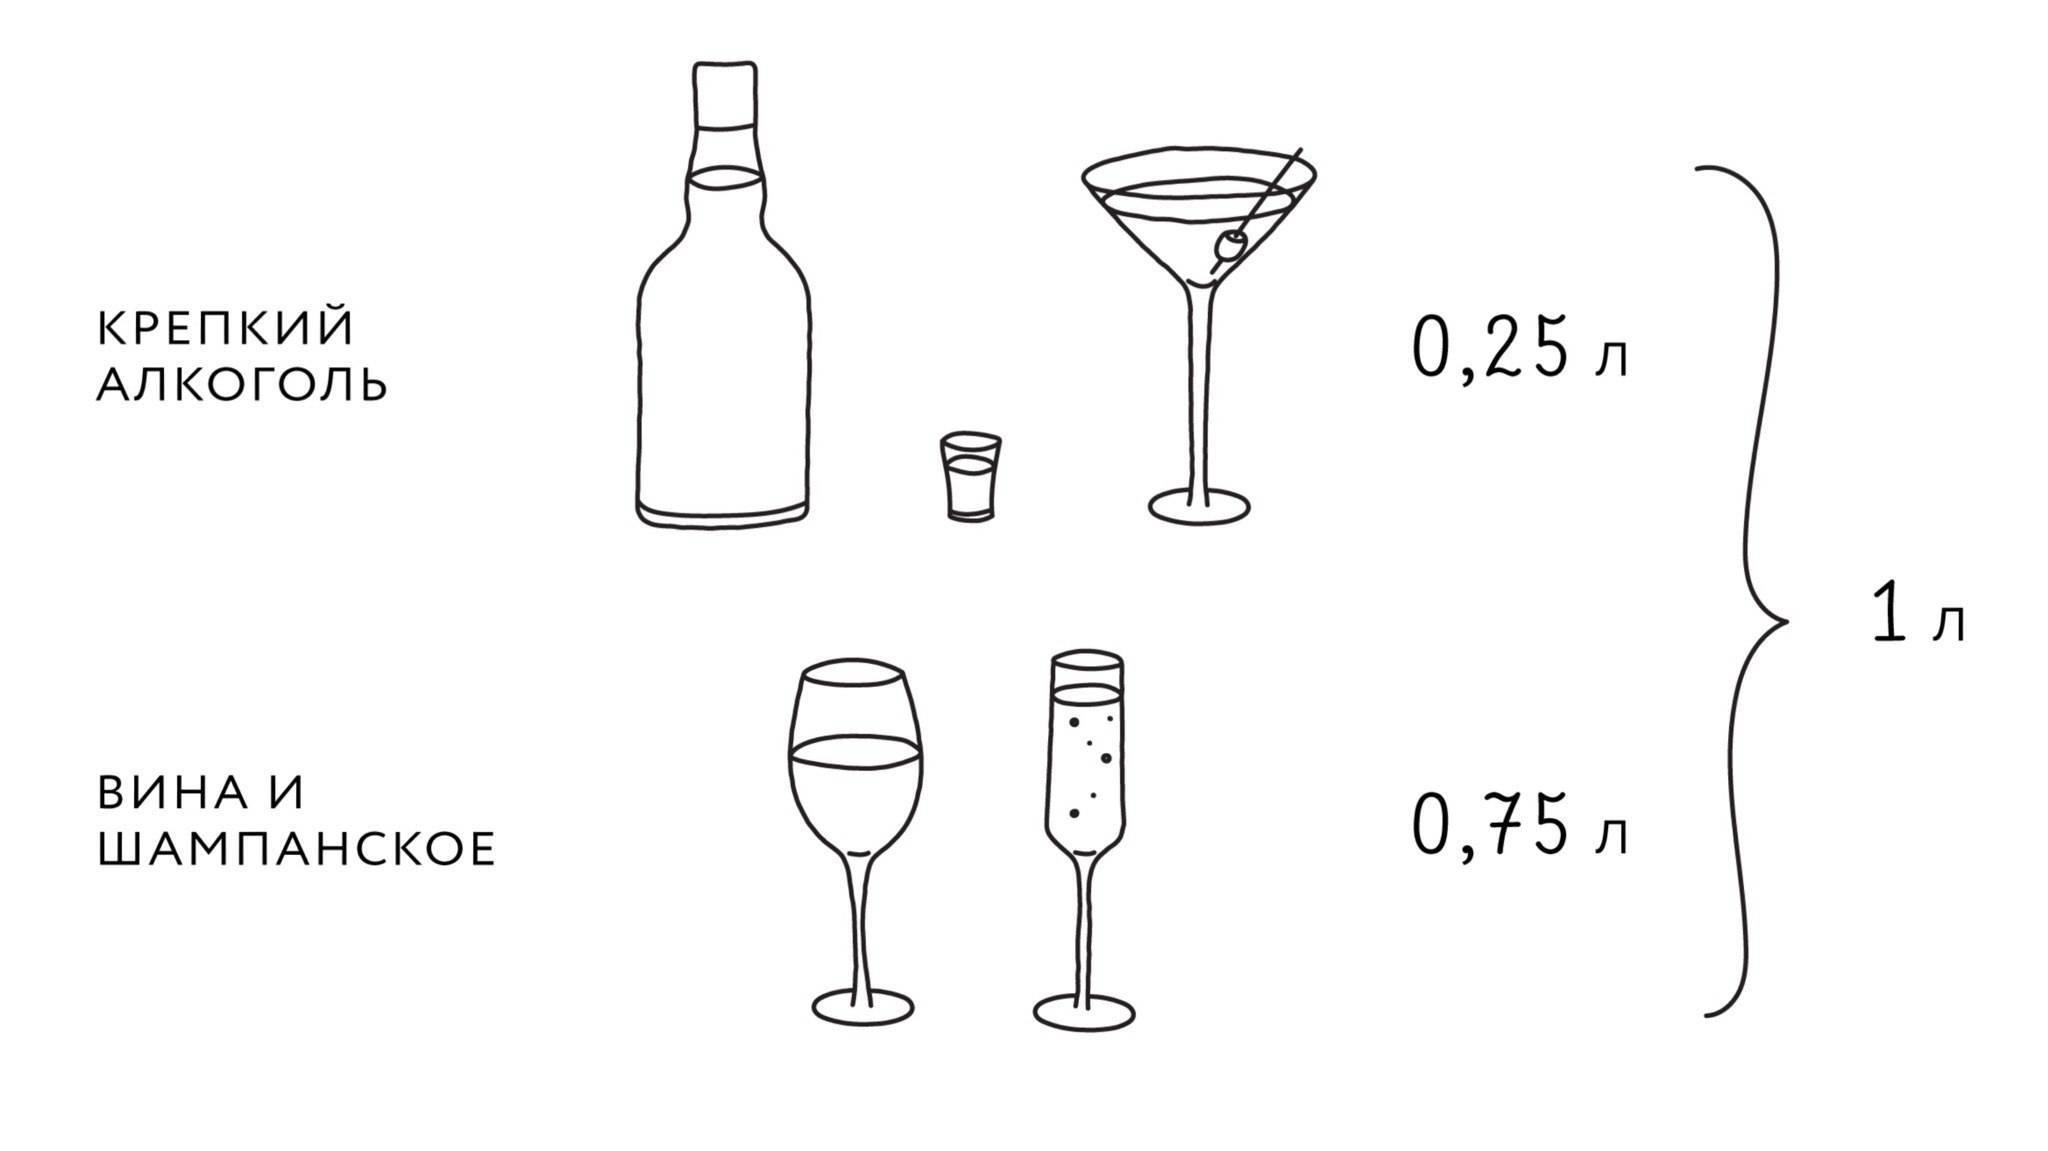 Расчет алкоголя на свадьбу – выбор напитков и их количества